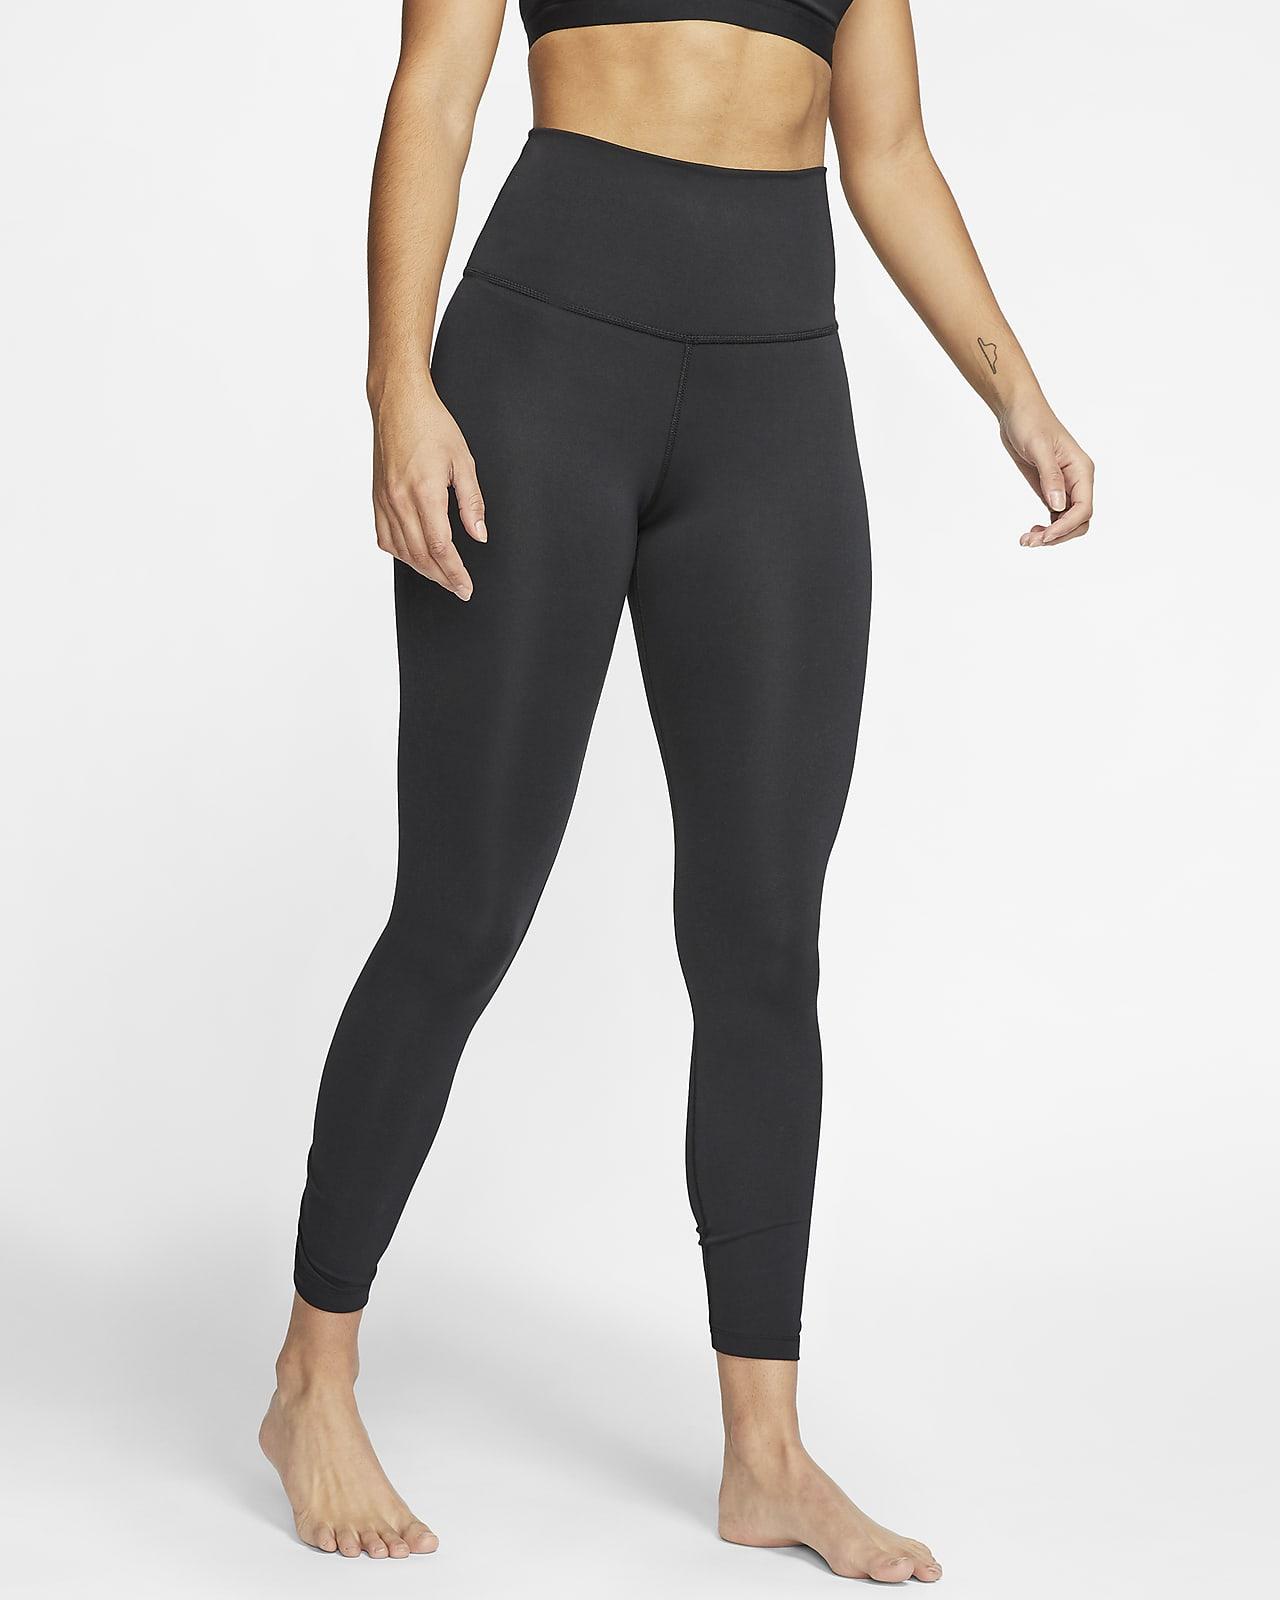 Tights a 7/8 com pregas Nike Yoga para mulher